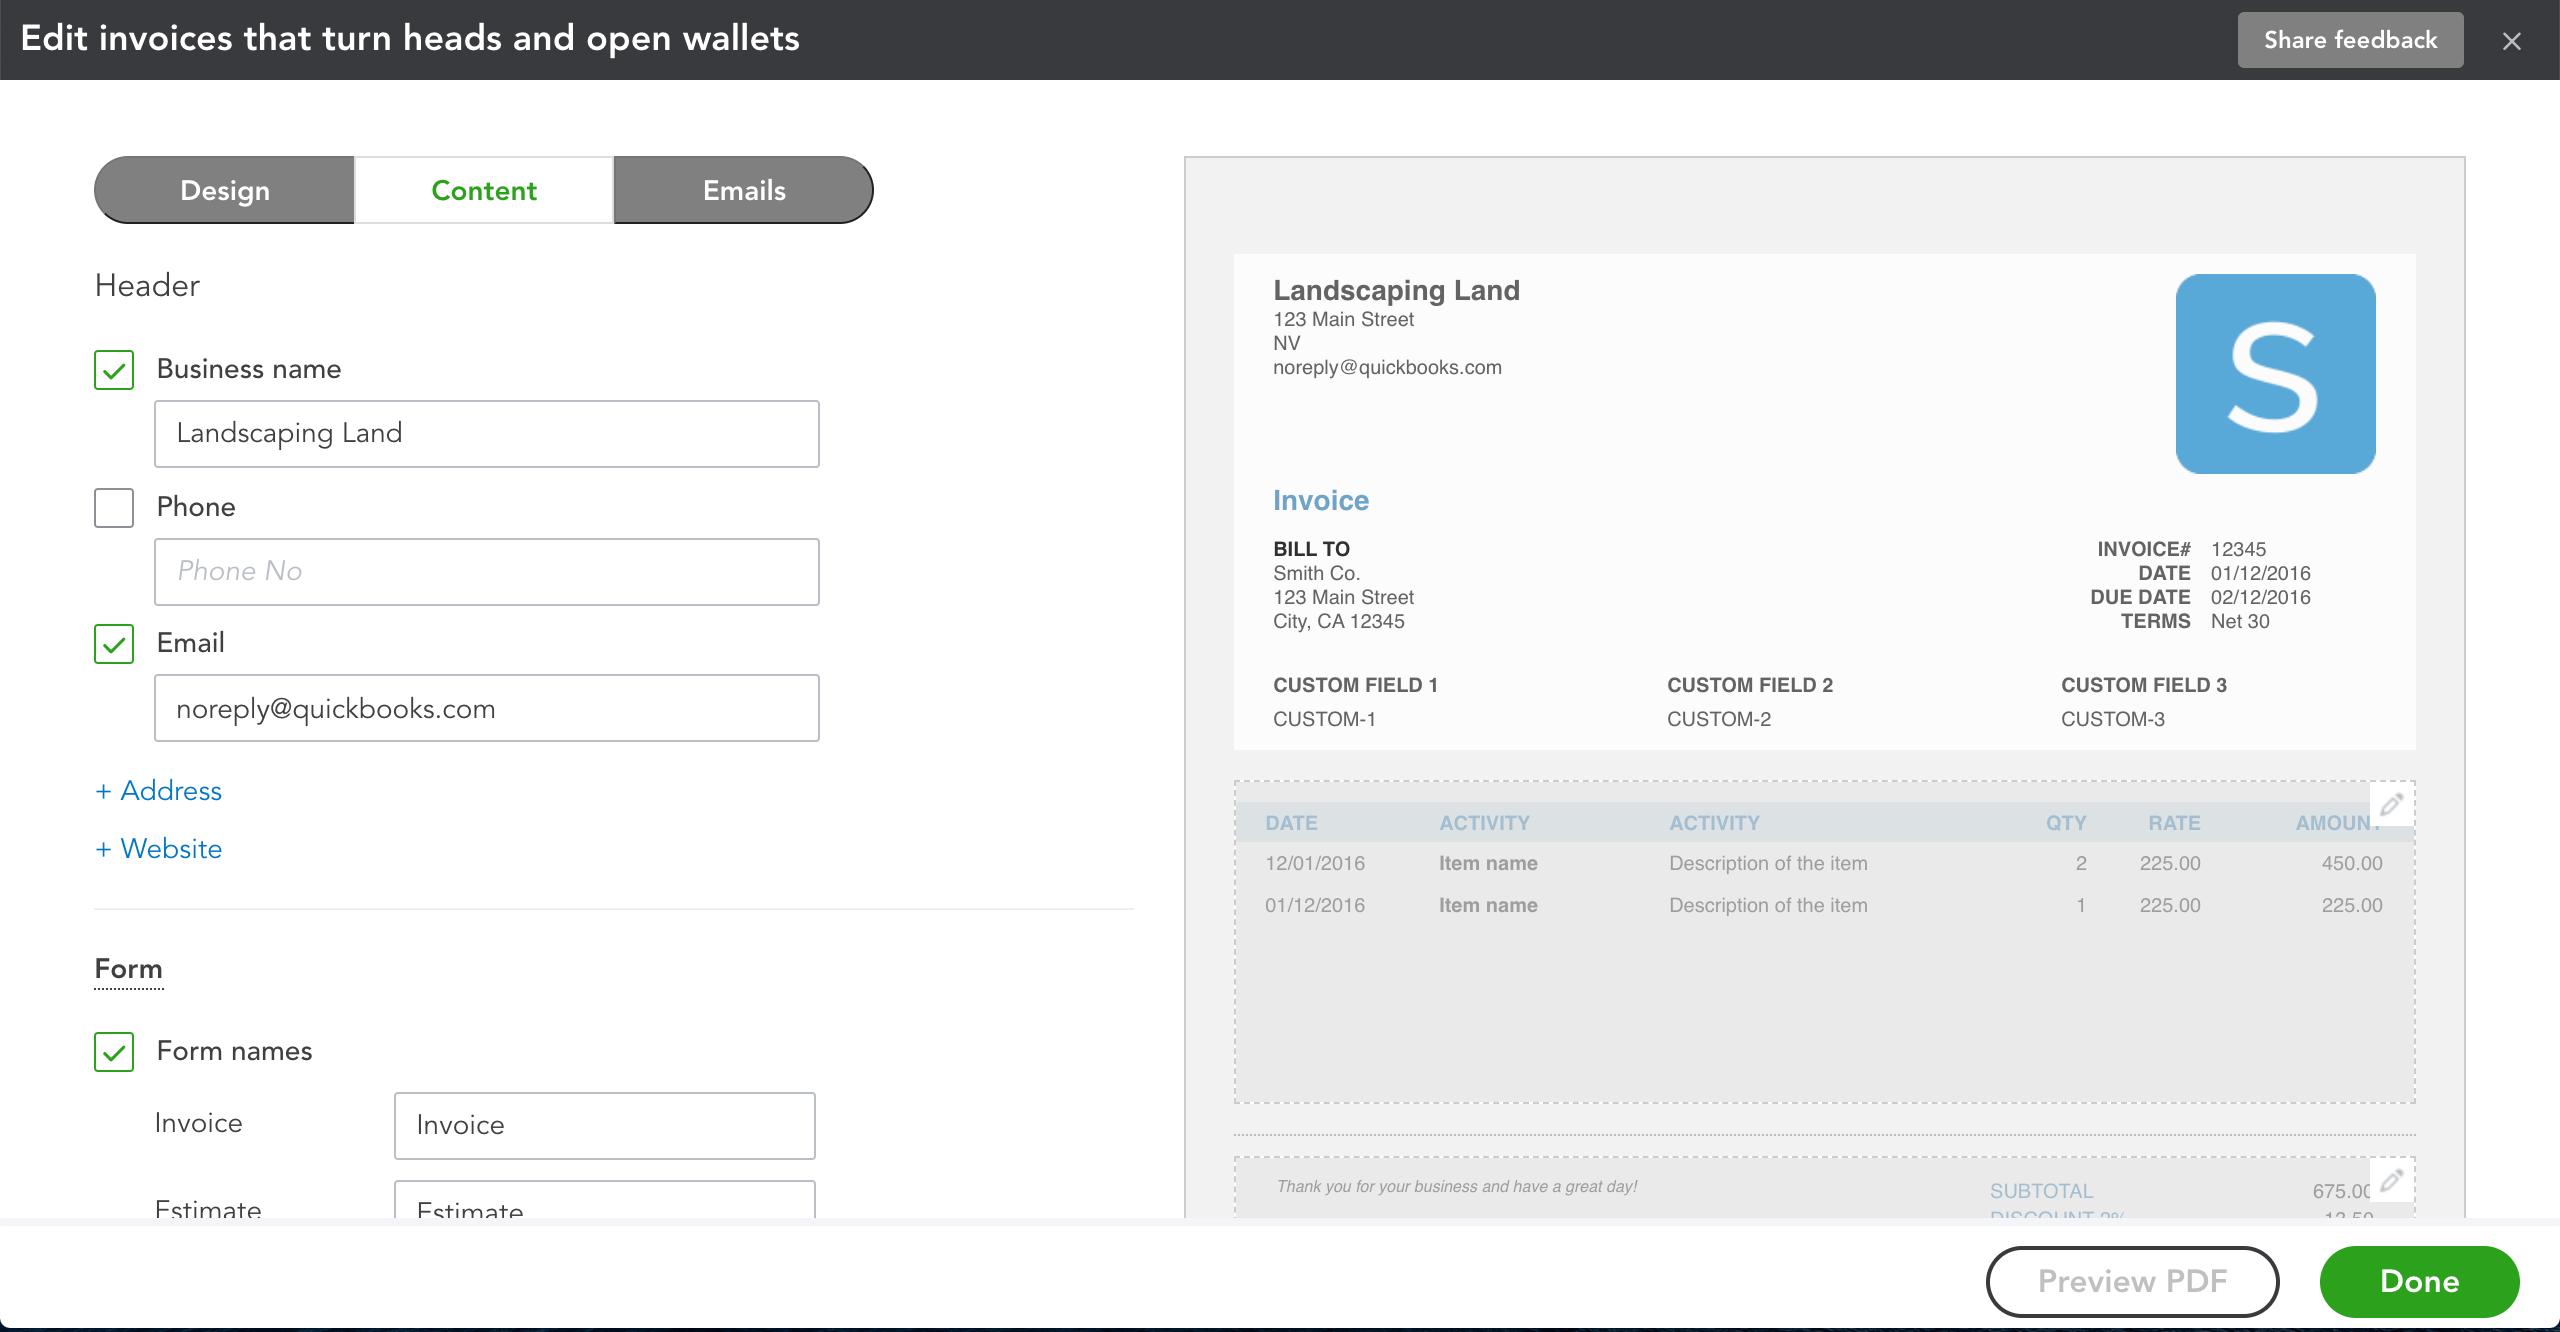 edit-invoice-design-tab.png